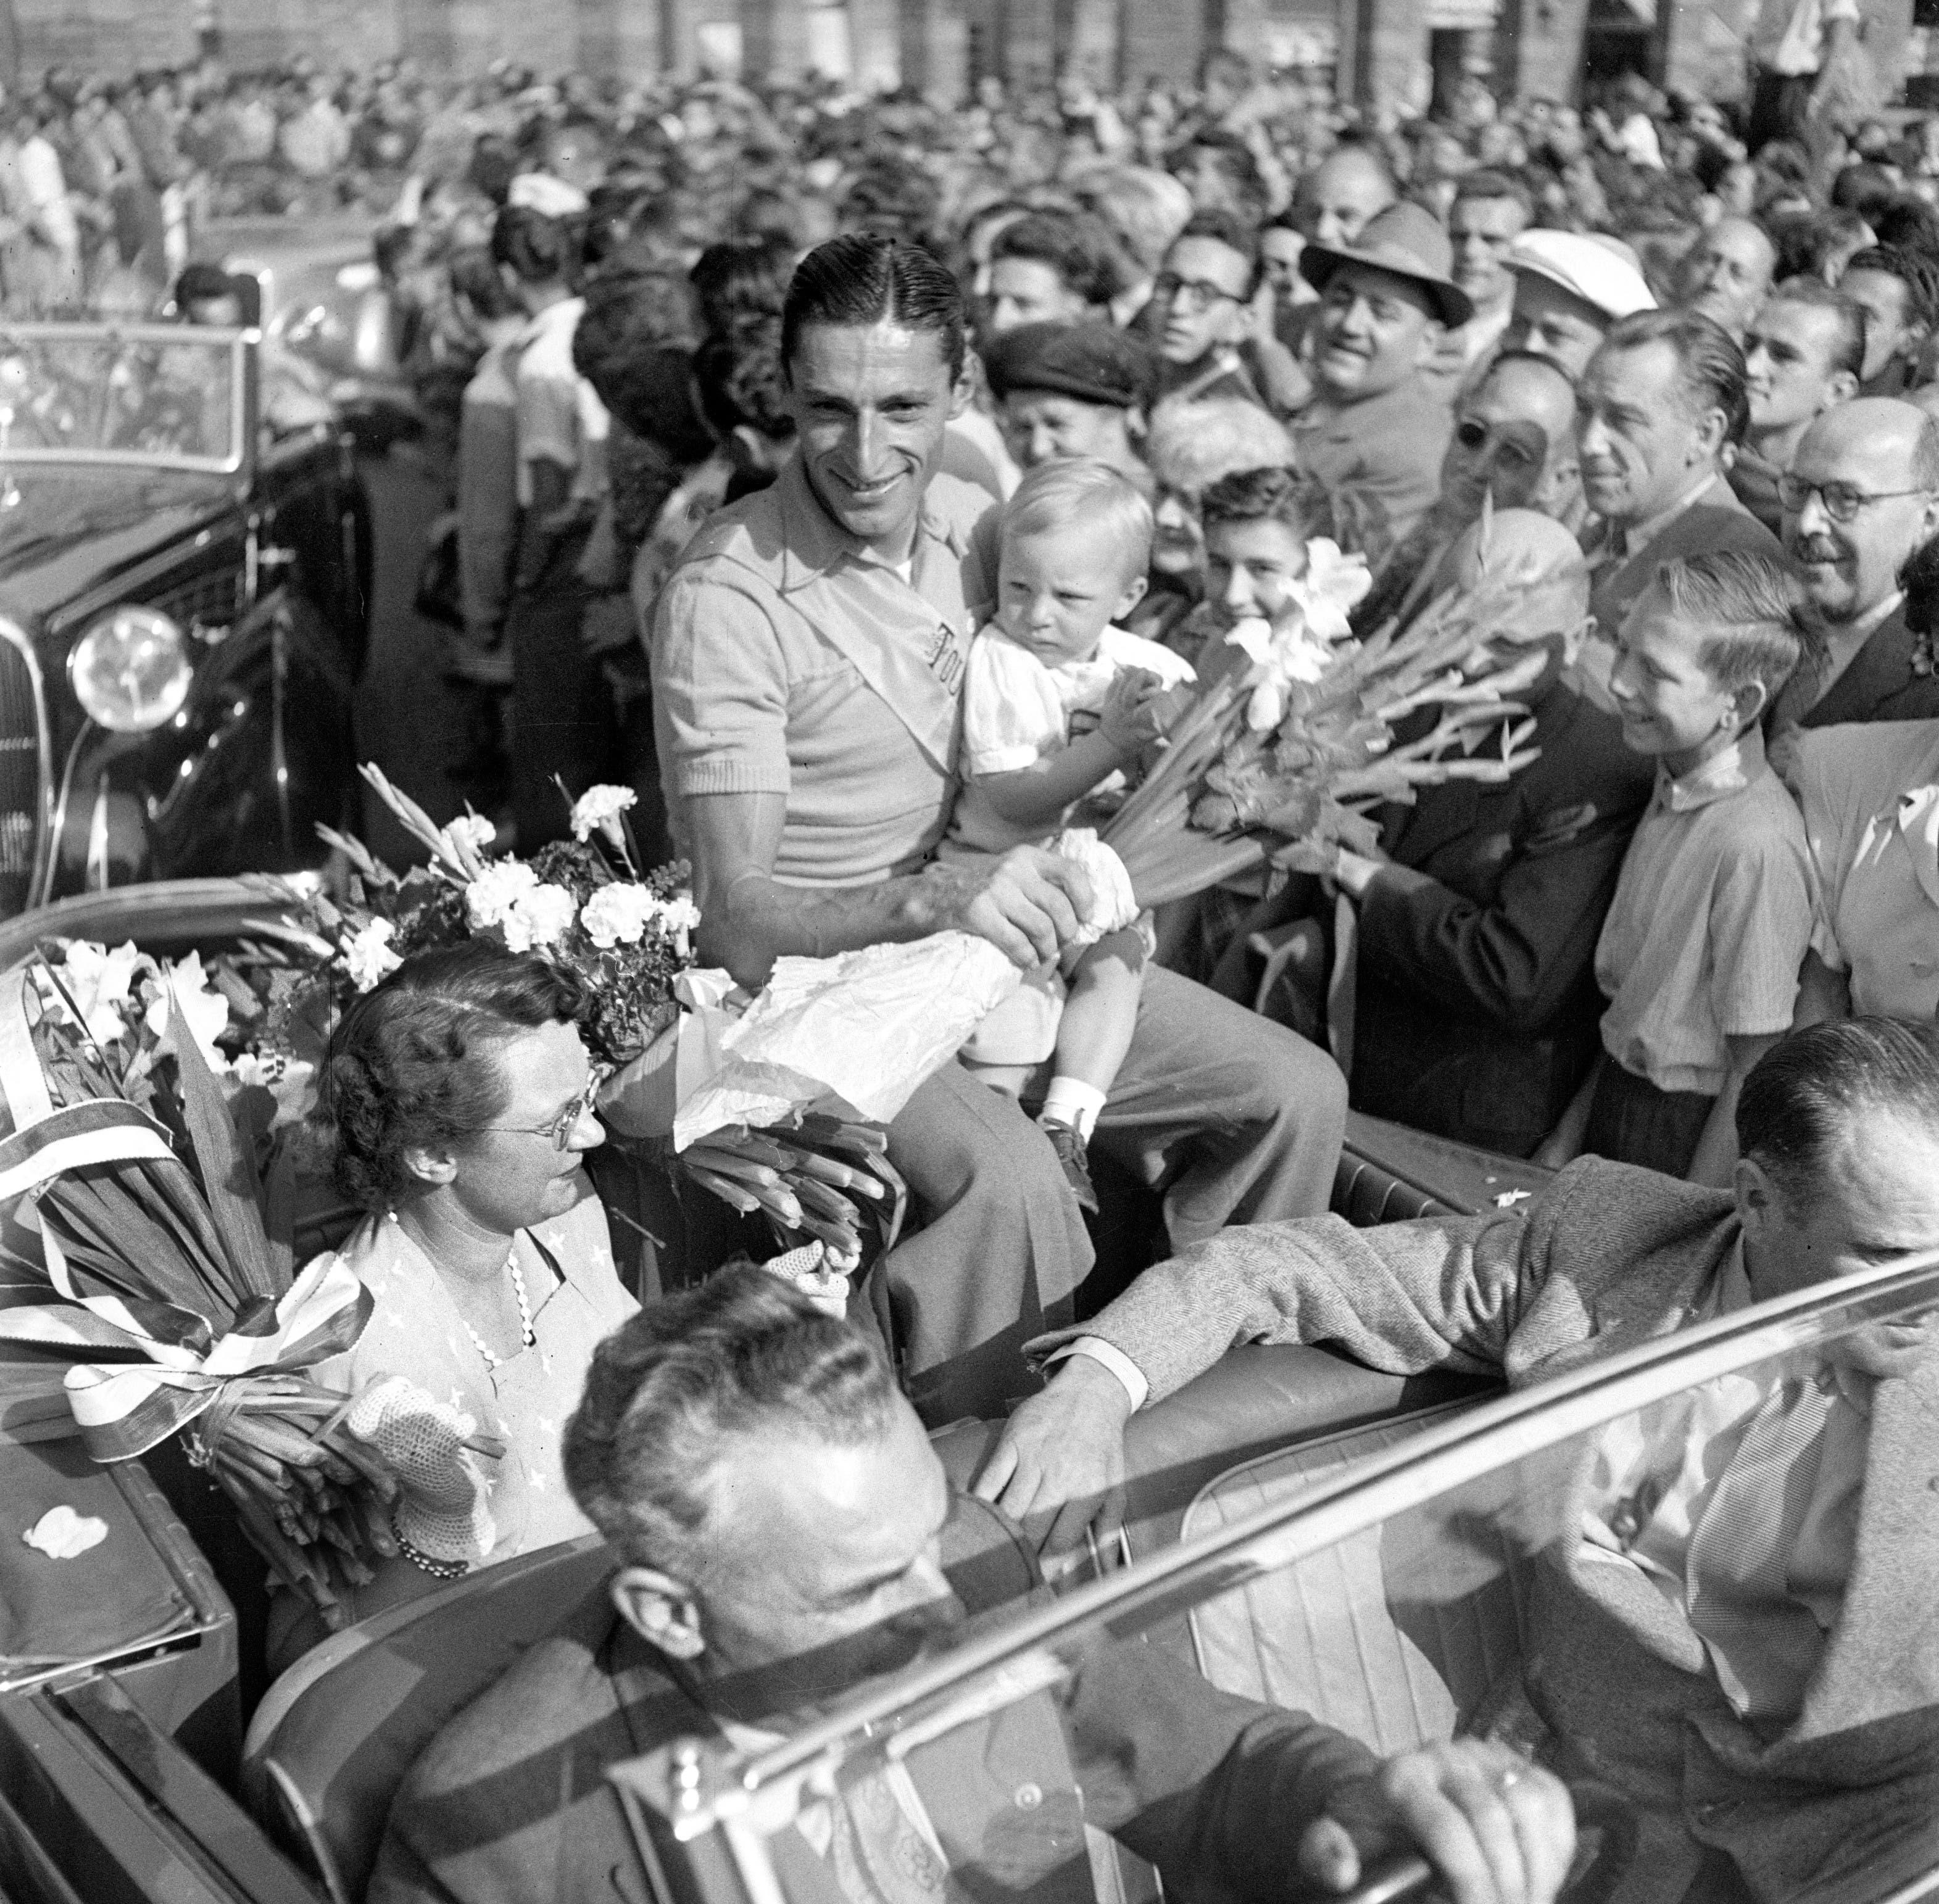 Ferdy Kübler – Bilder zu seinem Leben Der Schweizer Radrennfahrer Ferdy Kübler trifft im August 1950 nach seinem Gesamtsieg an der Tour de France am Bahnhof Zürich-Enge in Zürich ein, wo er von seiner Frau und seinem Sohn und einer Menschenmenge empfangen wird.